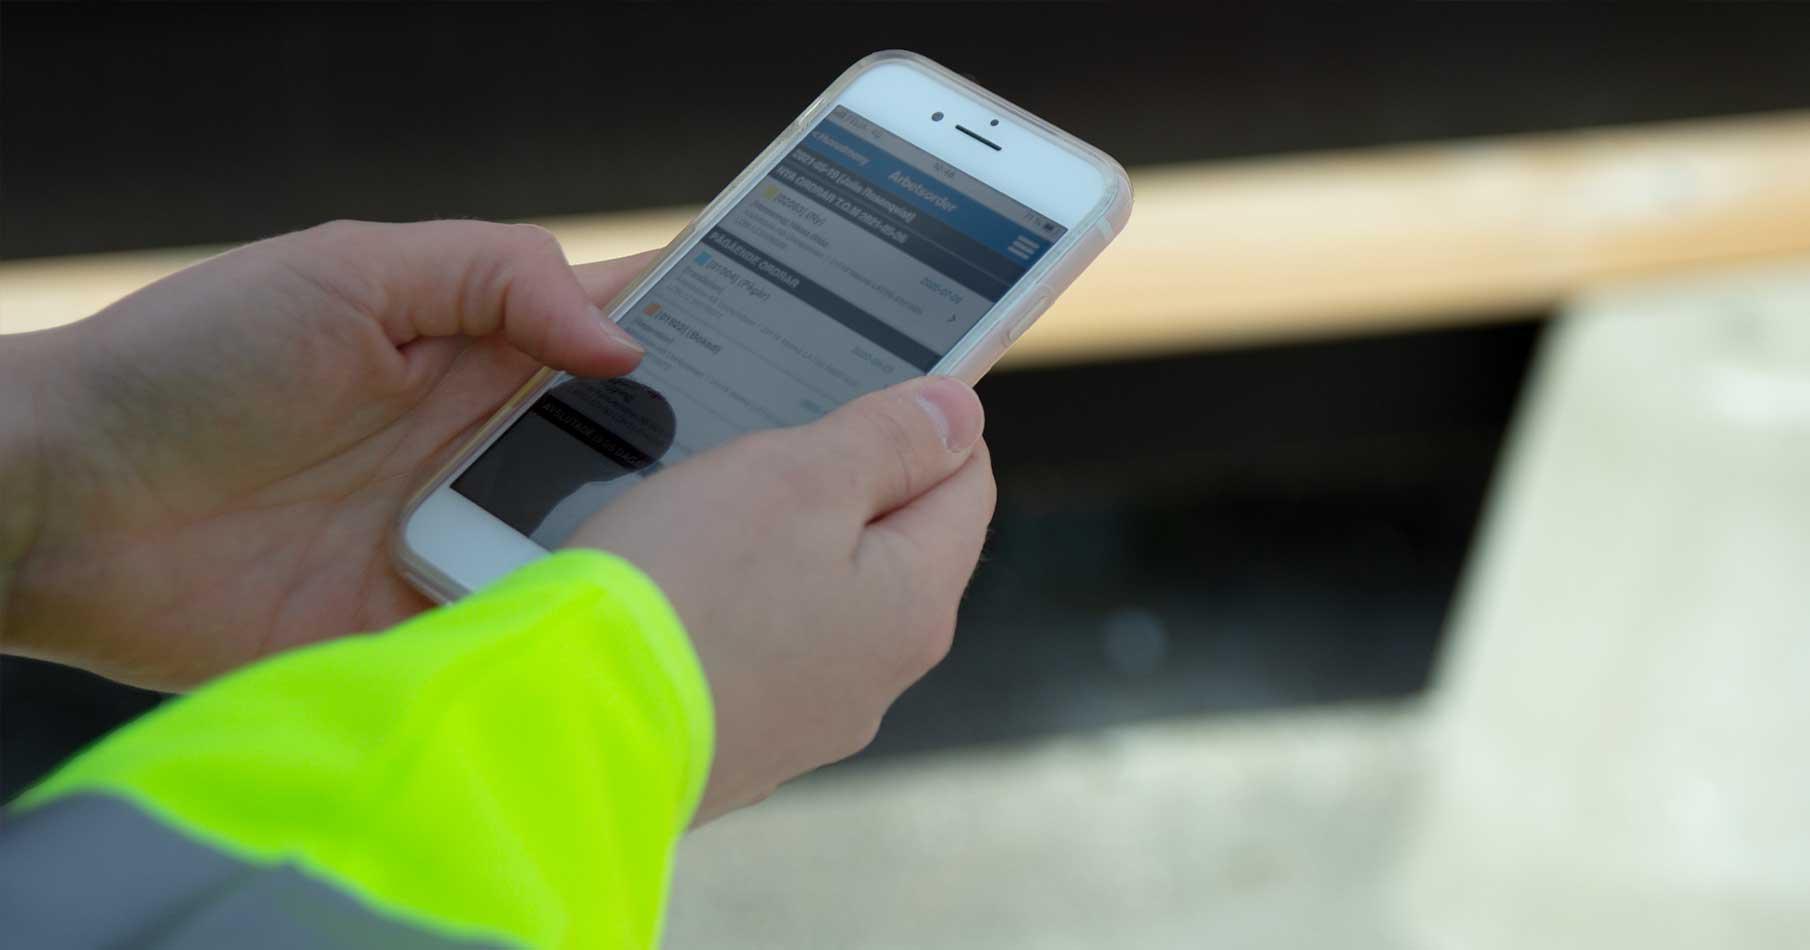 Hantverkare ser över sina arbetsorder i mobilen i AddMobiles app för projekthantering.